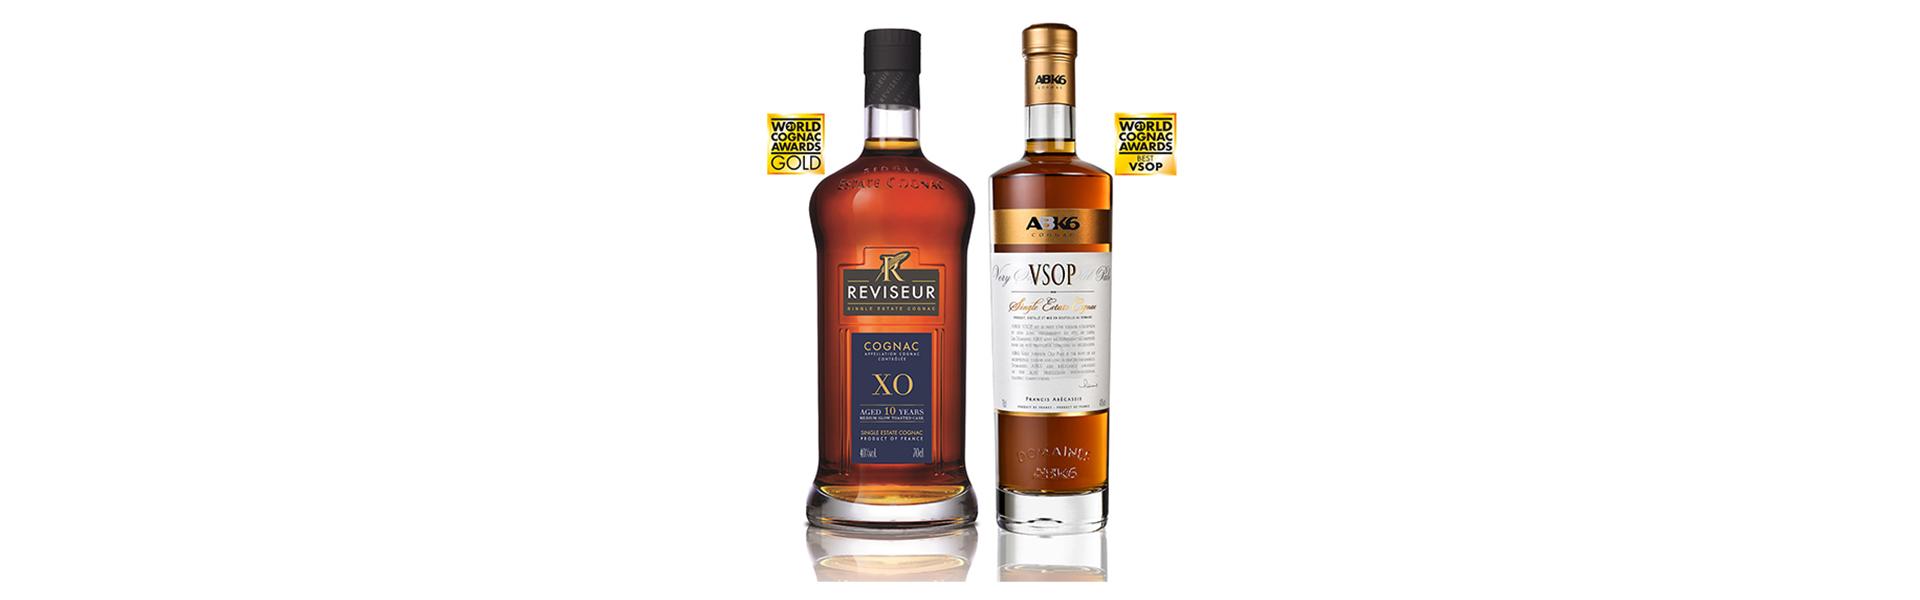 Dubbelt cognacsguld för Le Reviseur XO och ABK6 VSOP